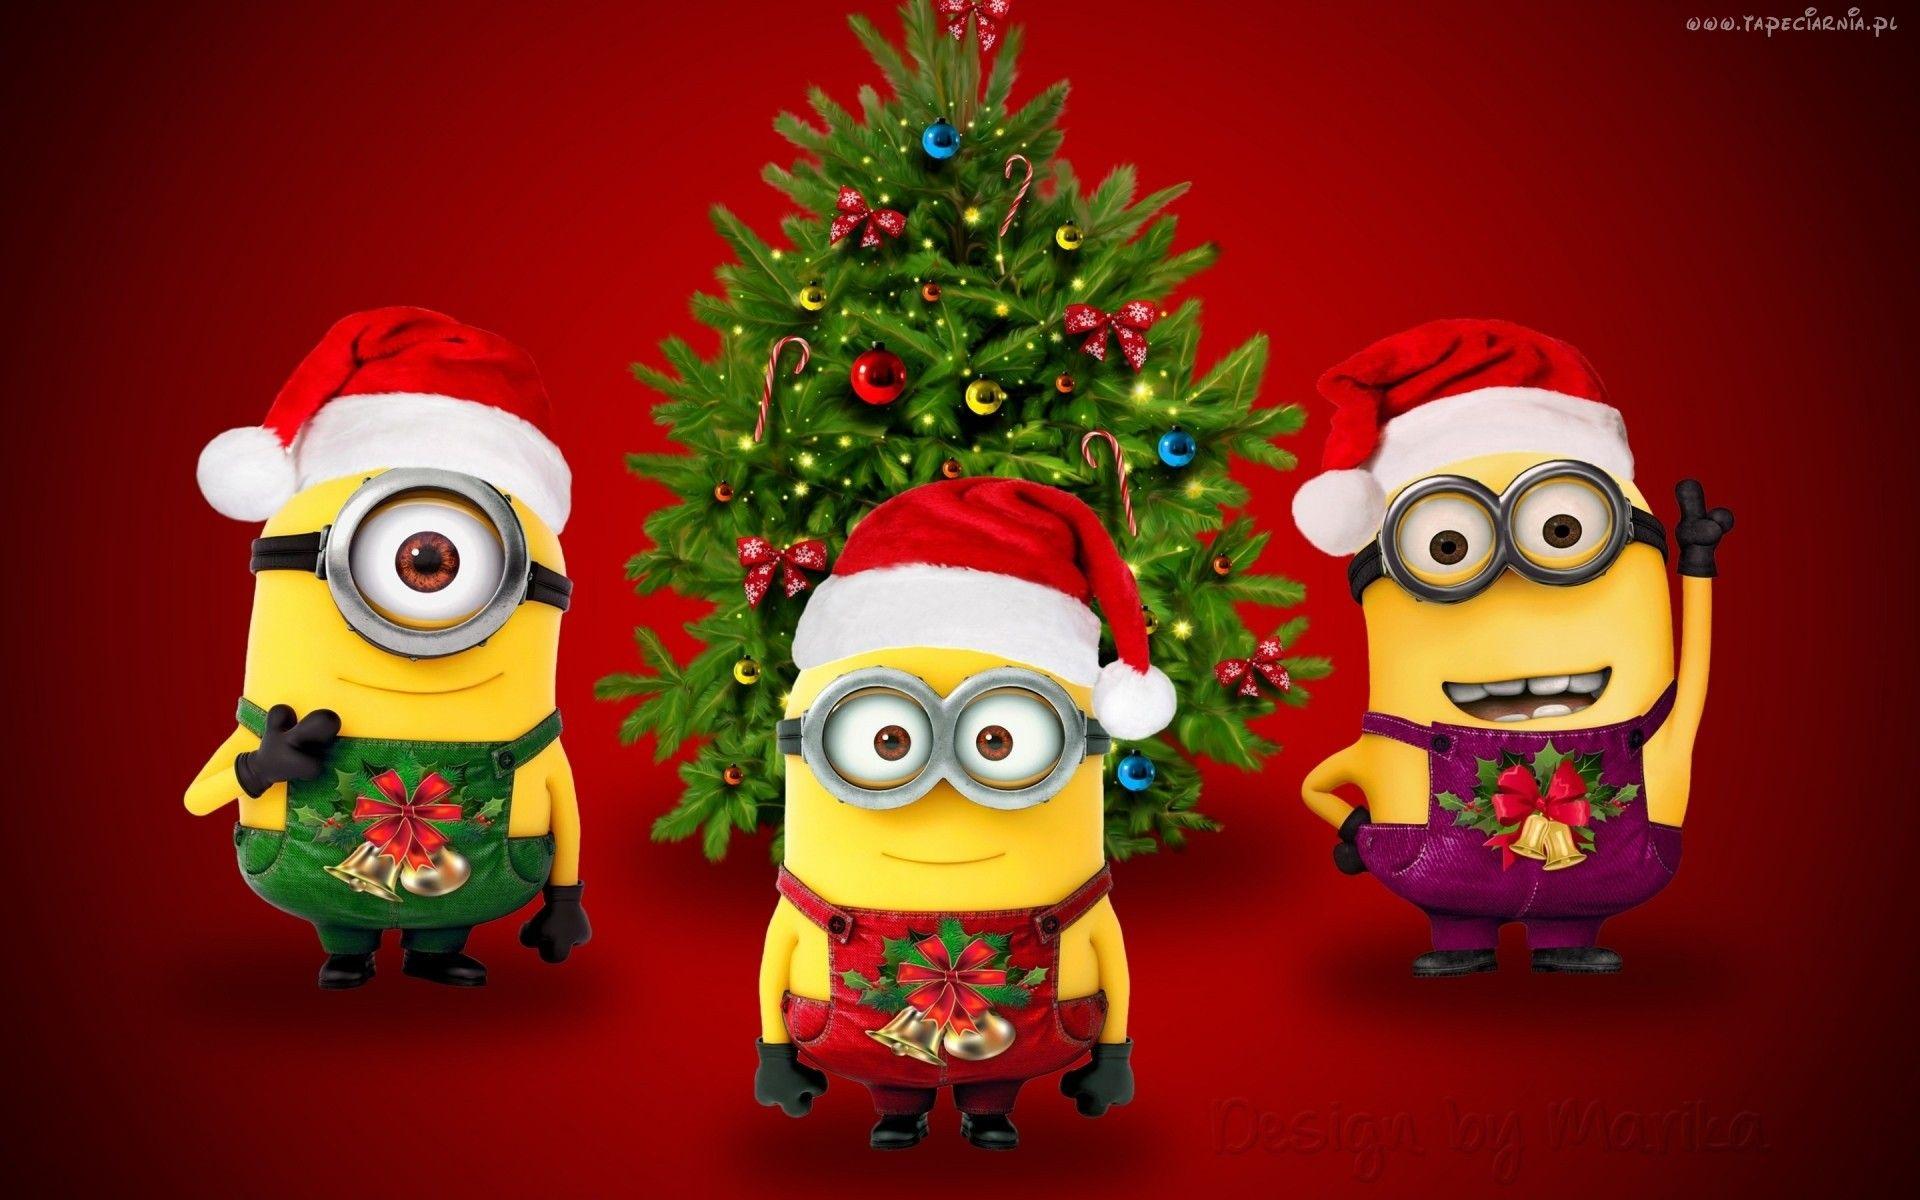 Trzy Minionki świąteczne Stroje Choinka Minion Christmas Merry Christmas Minions Funny Christmas Wallpaper